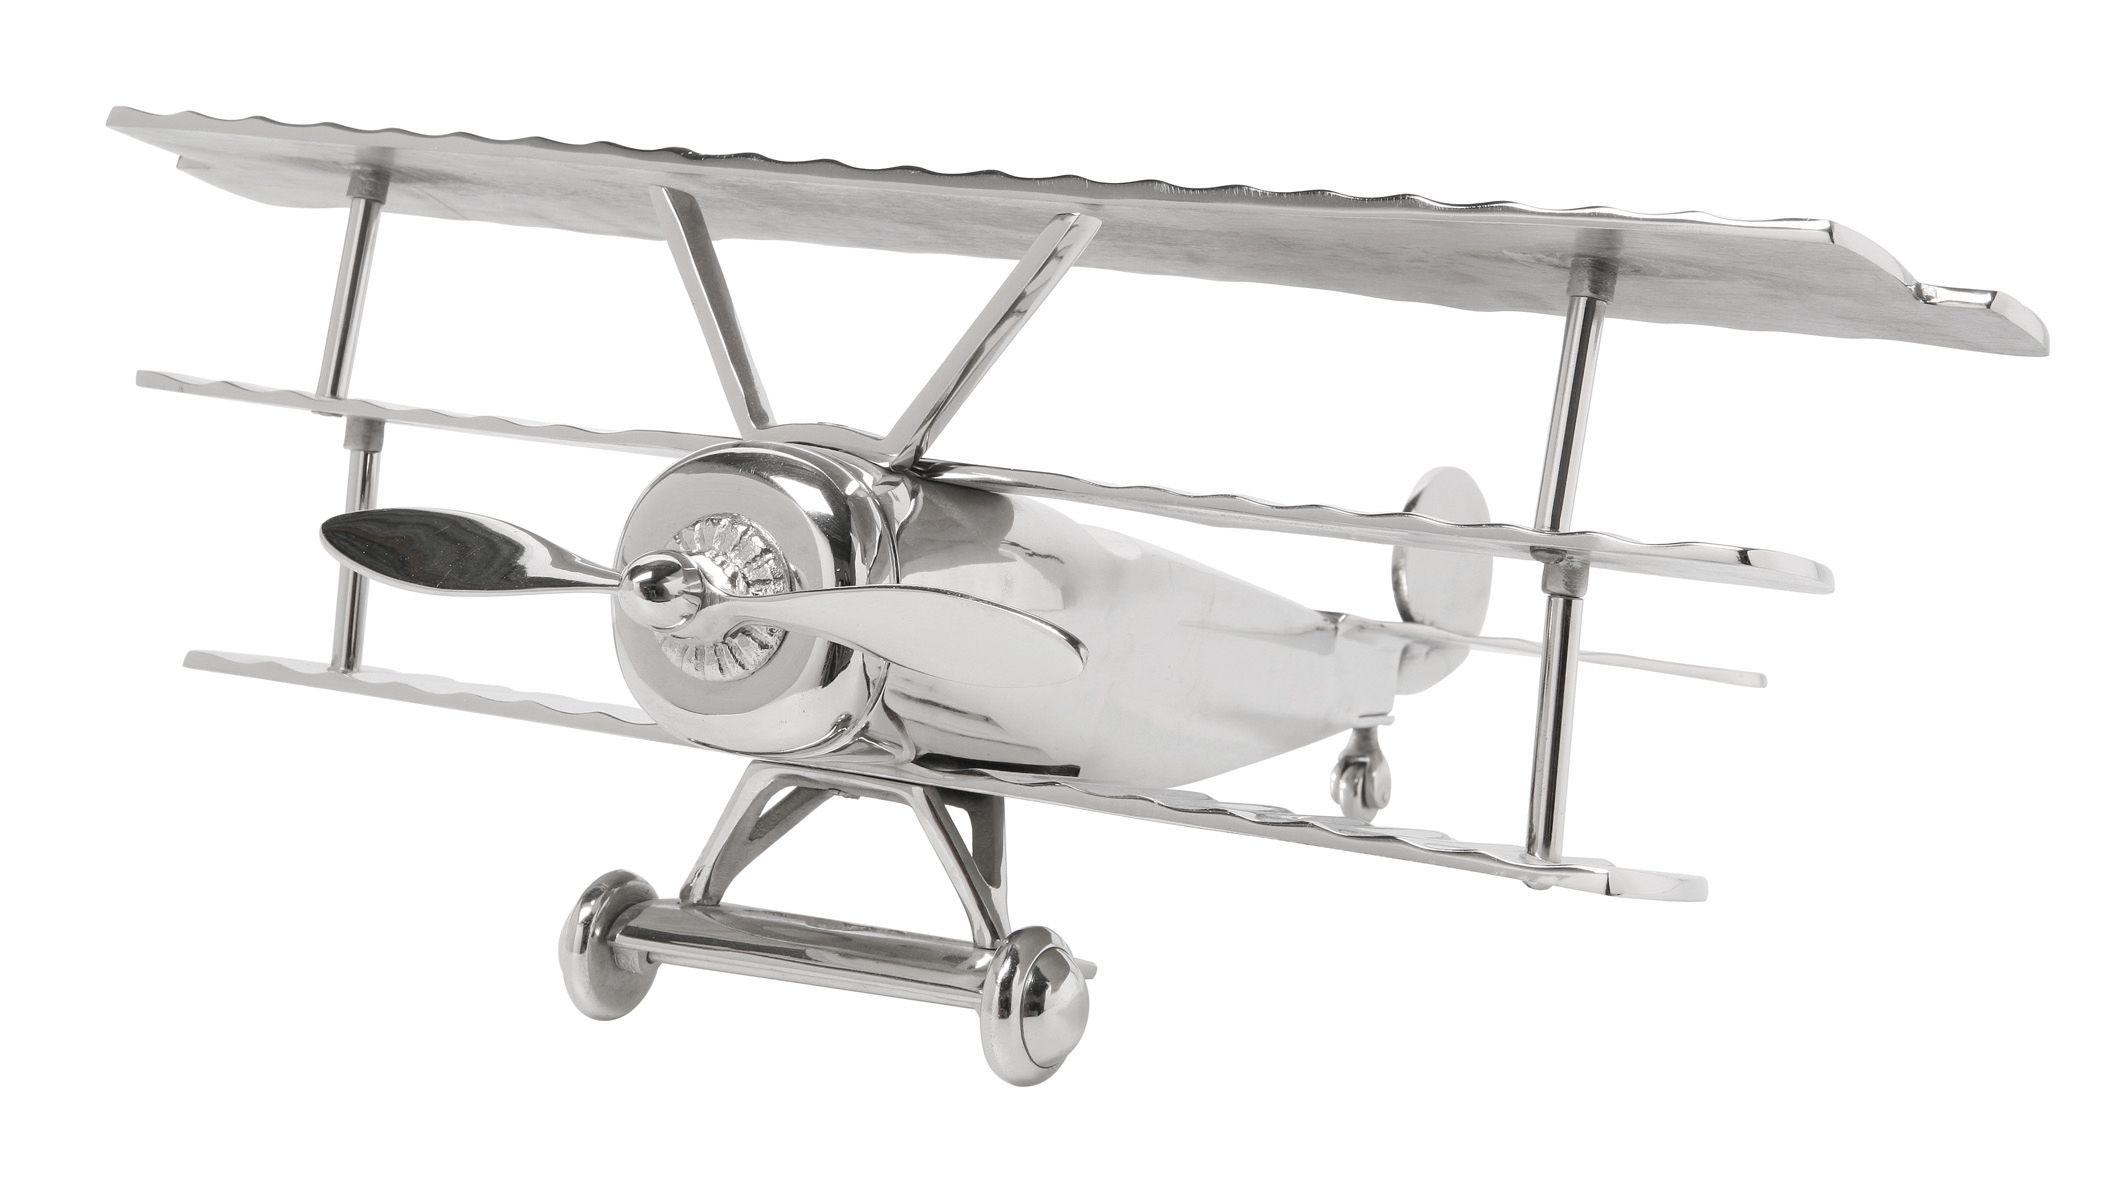 Kare Design Deko Flugzeug Triplane Nostalgischer Doppeldecker Aus